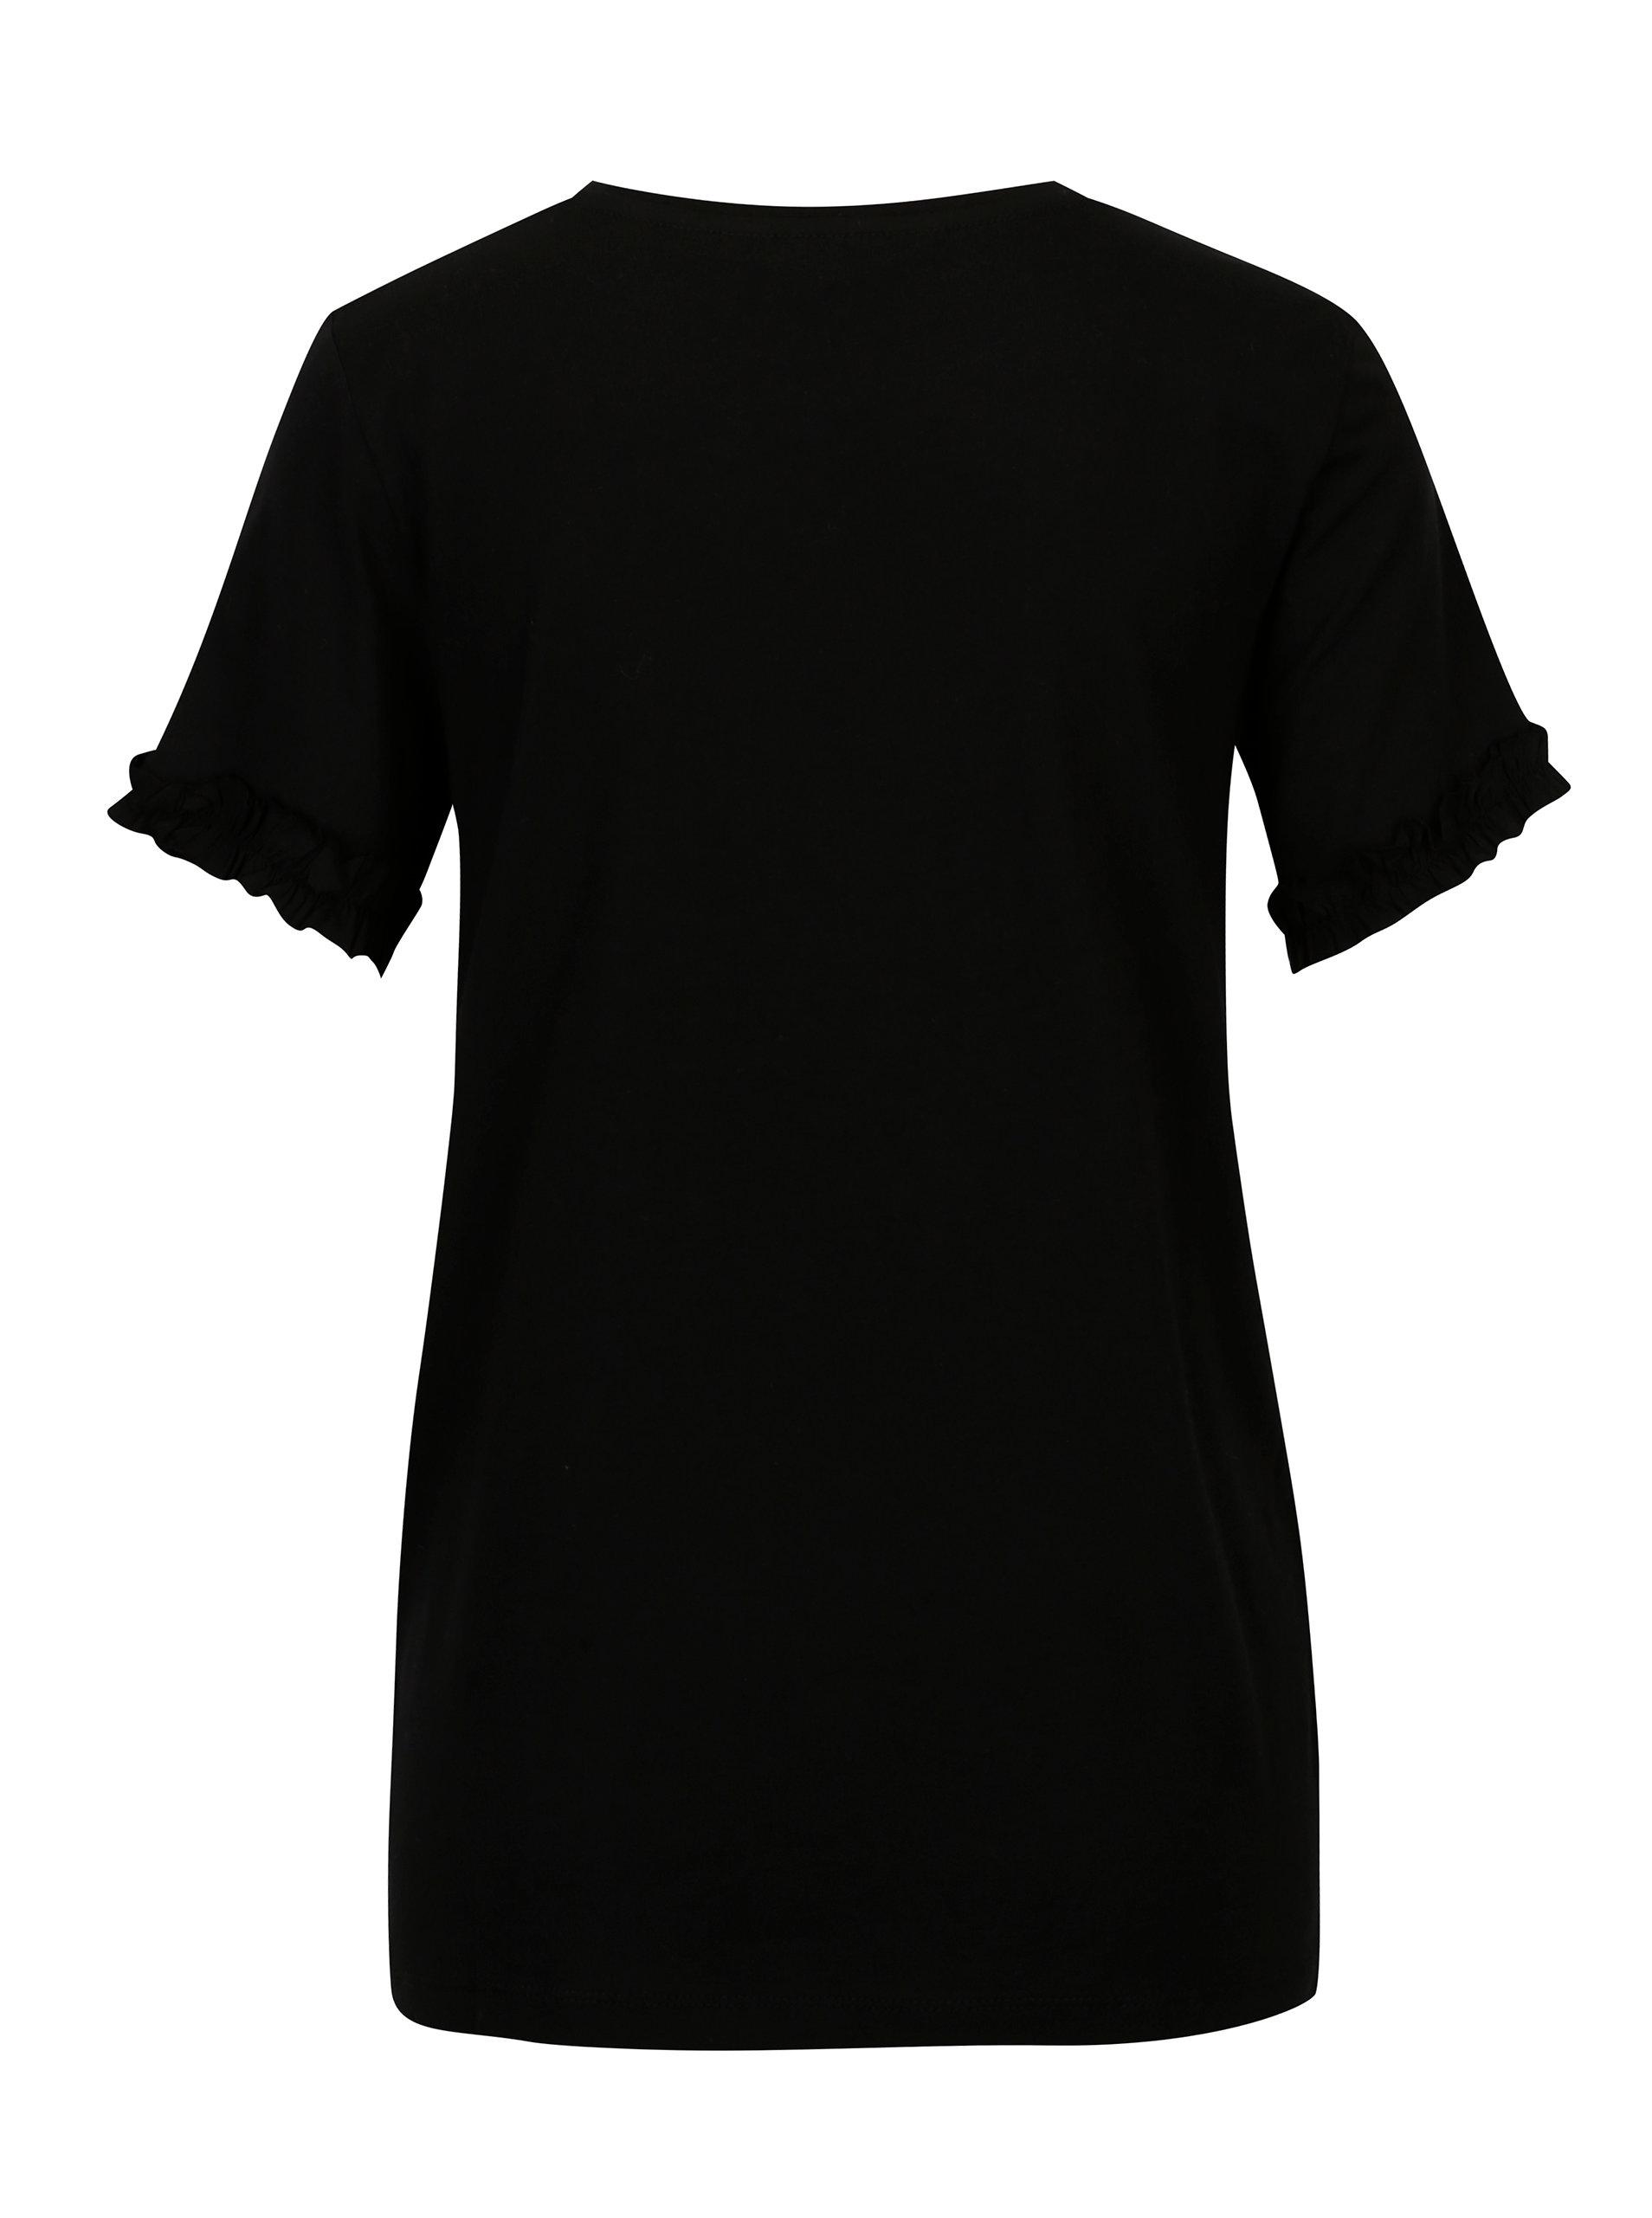 185c2e11aea Černé tričko s krátkým rukávem a volány Dorothy Perkins ...